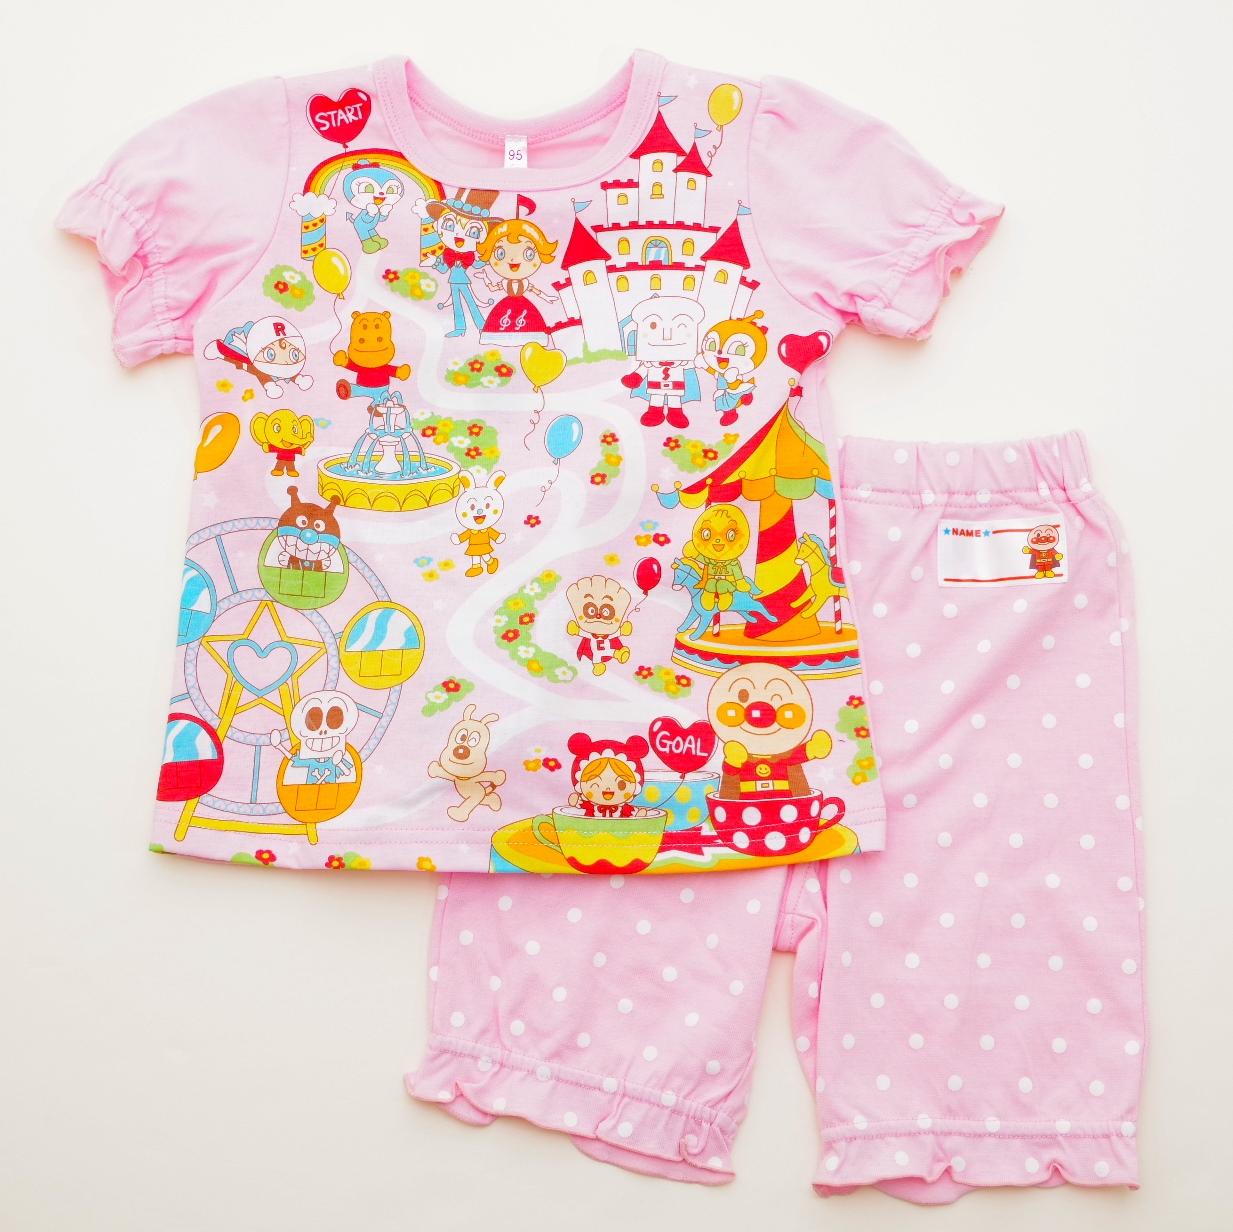 アンパンマン 女の子  光る 半袖パジャマ   (2415447A)